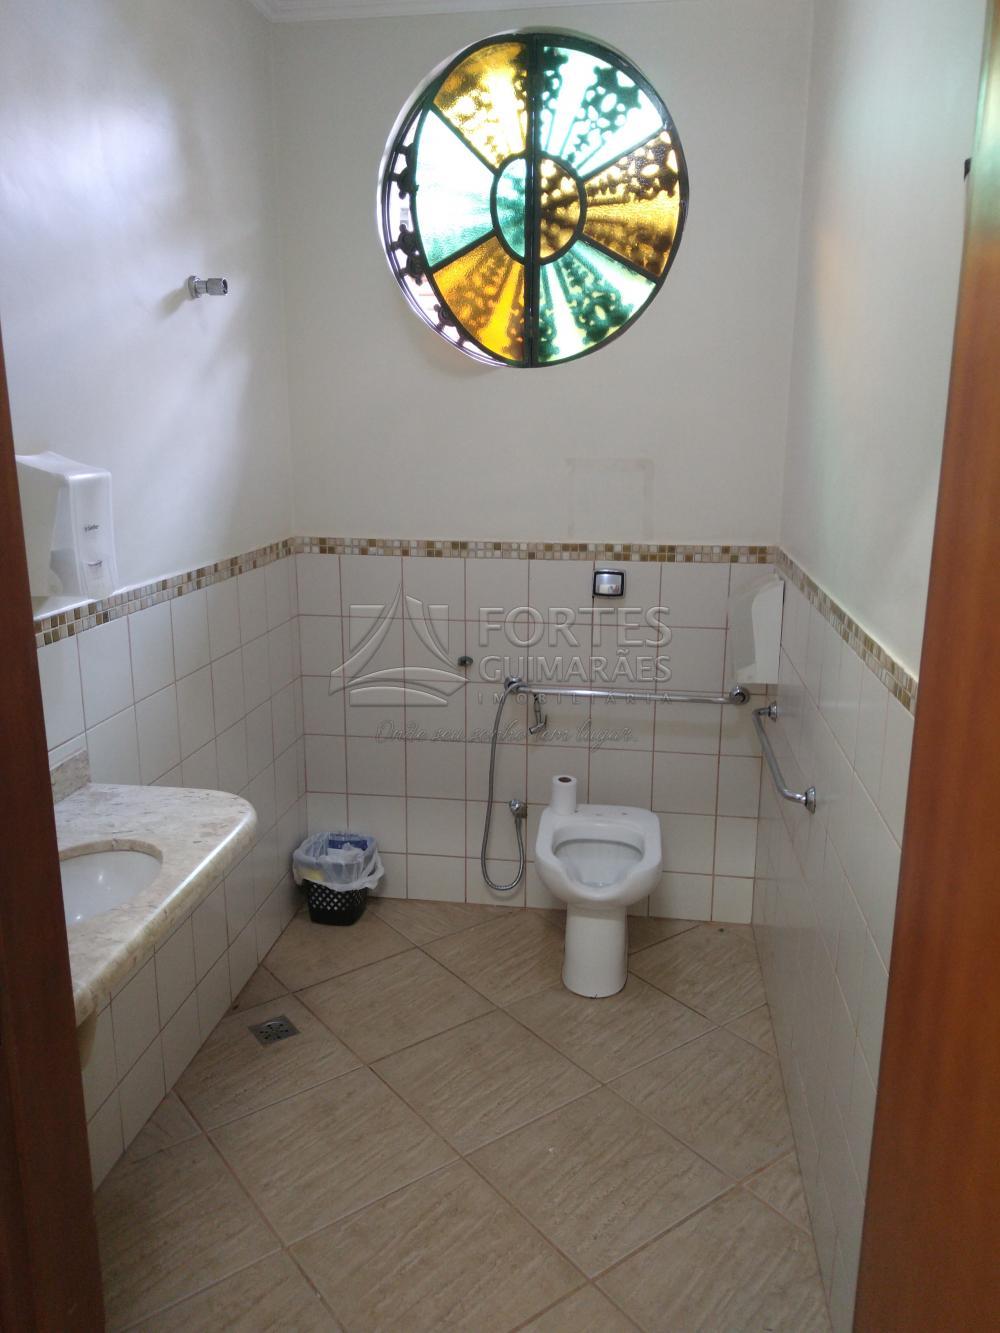 Alugar Comercial / Imóvel Comercial em Ribeirão Preto apenas R$ 12.000,00 - Foto 53